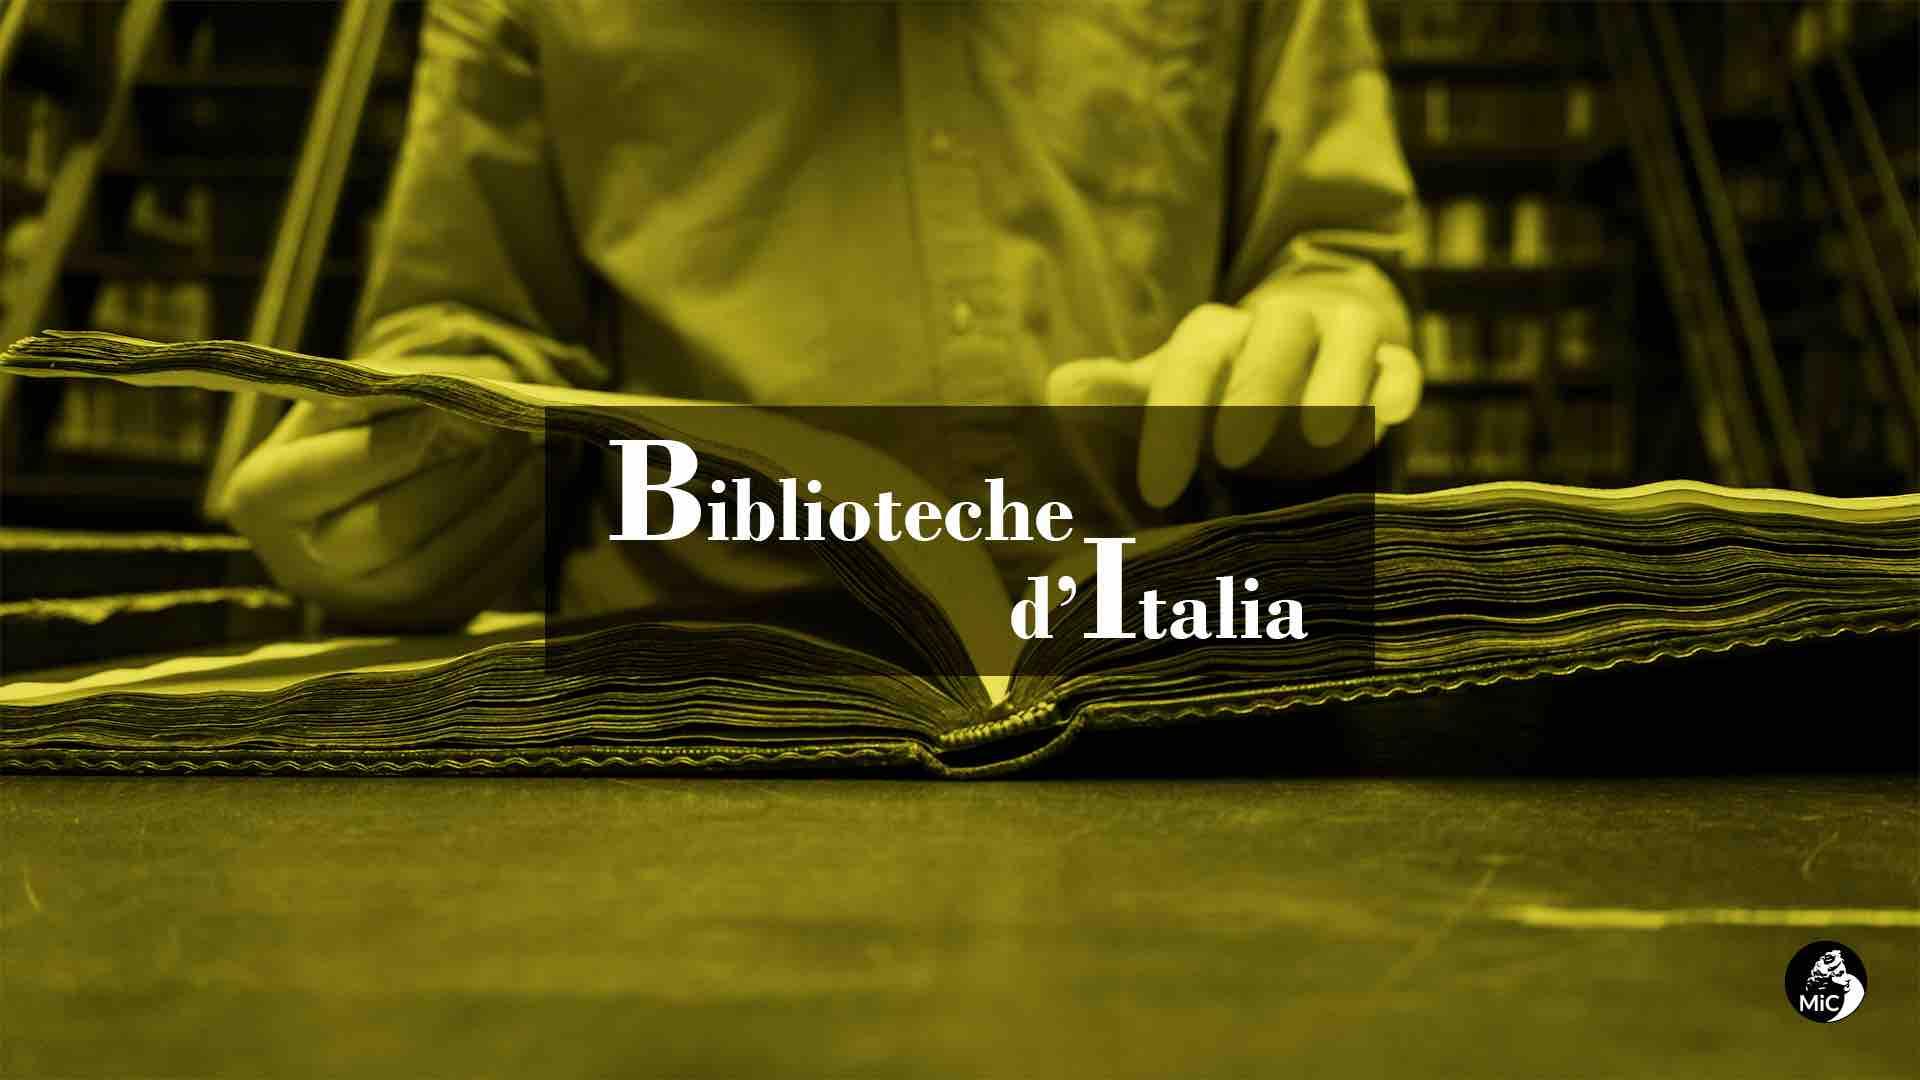 Biblioteche_italia_2